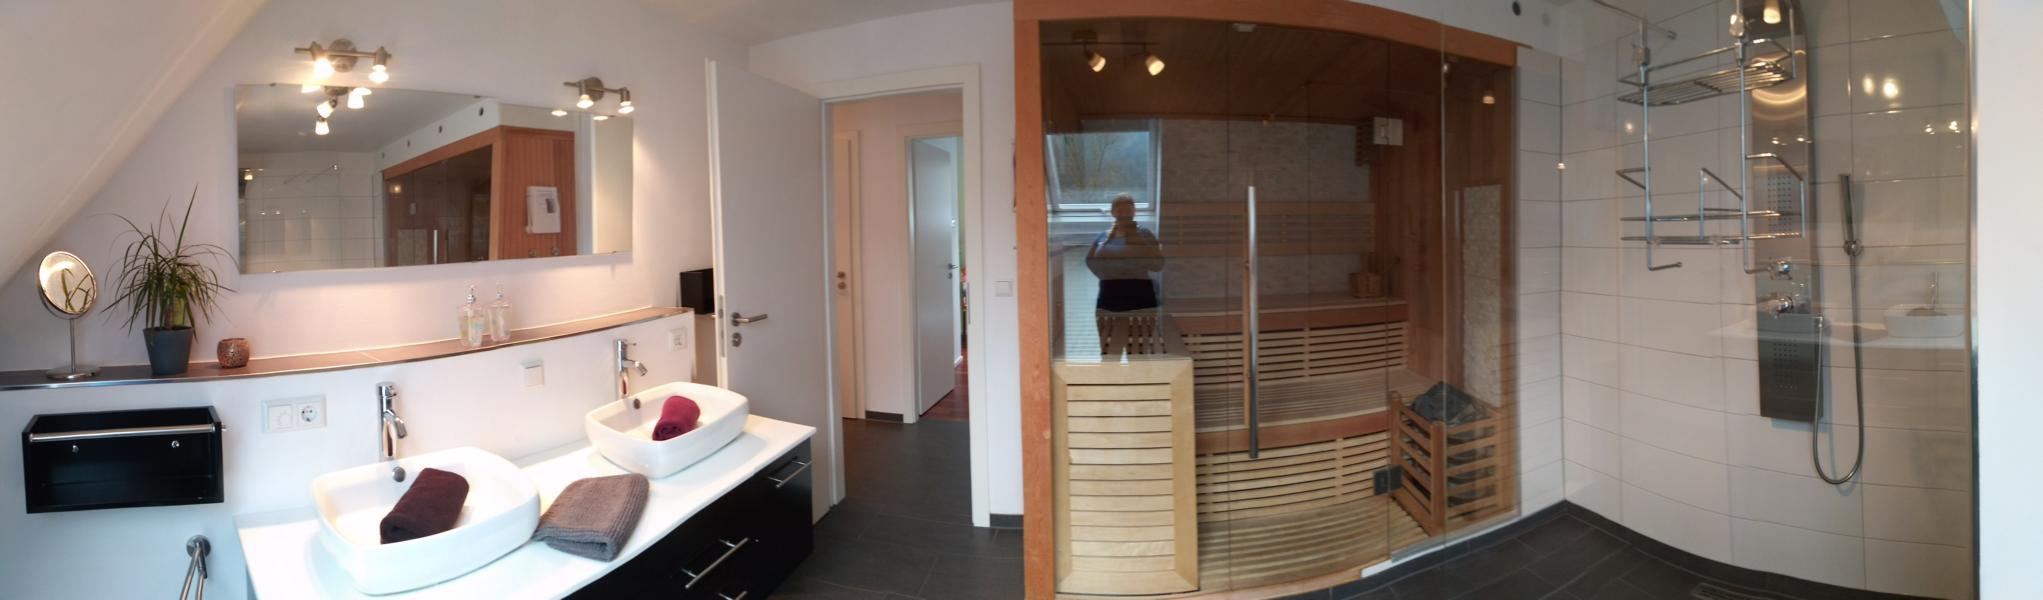 luxus-ferienhaus-mit-sauna-alpirsbach-entspannung-im-schwarzwald-badezimmer-og-sauna